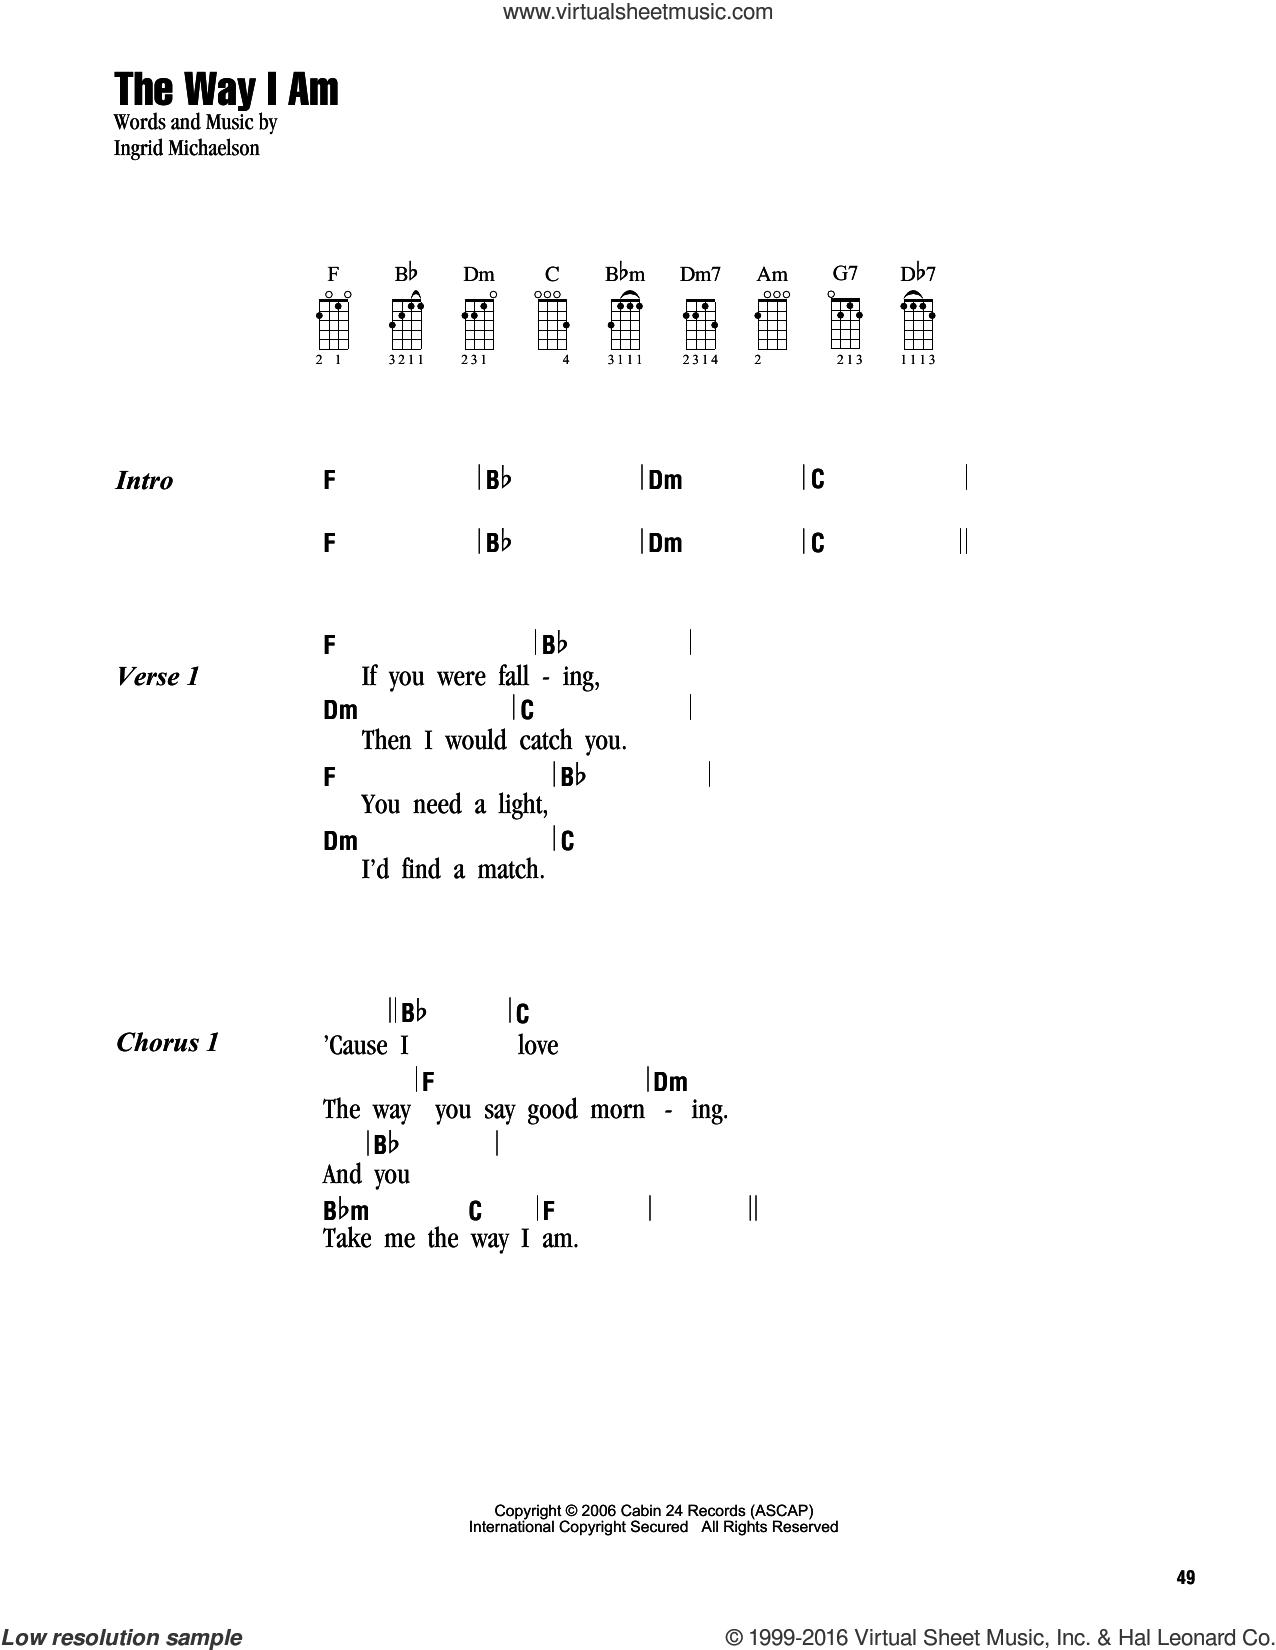 Michaelson - The Way I Am sheet music for ukulele (chords) [PDF]